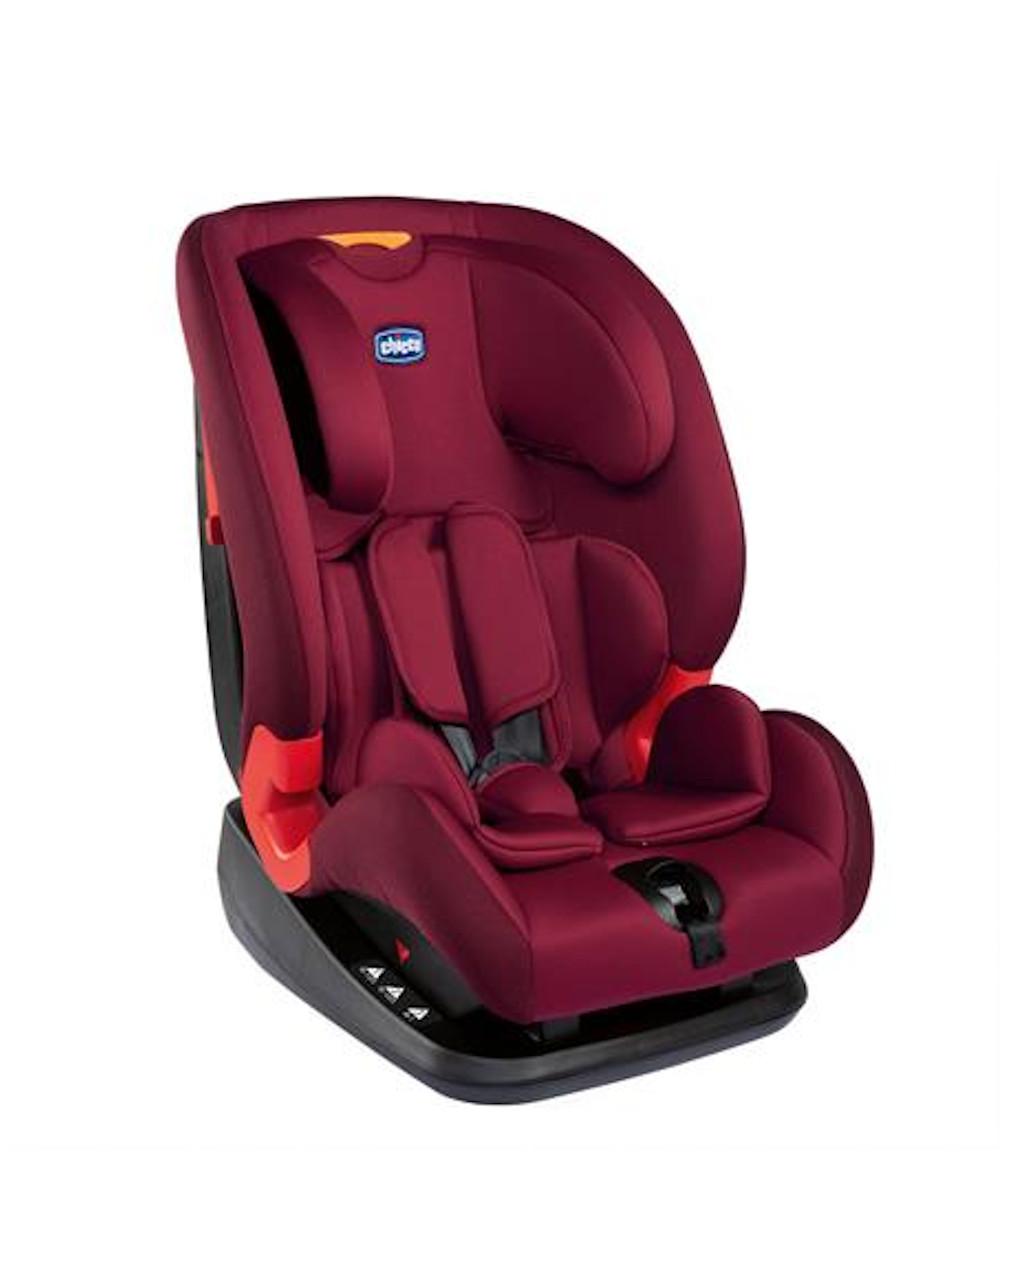 Cadeira auto chicco akita - paixão vermelha - Chicco